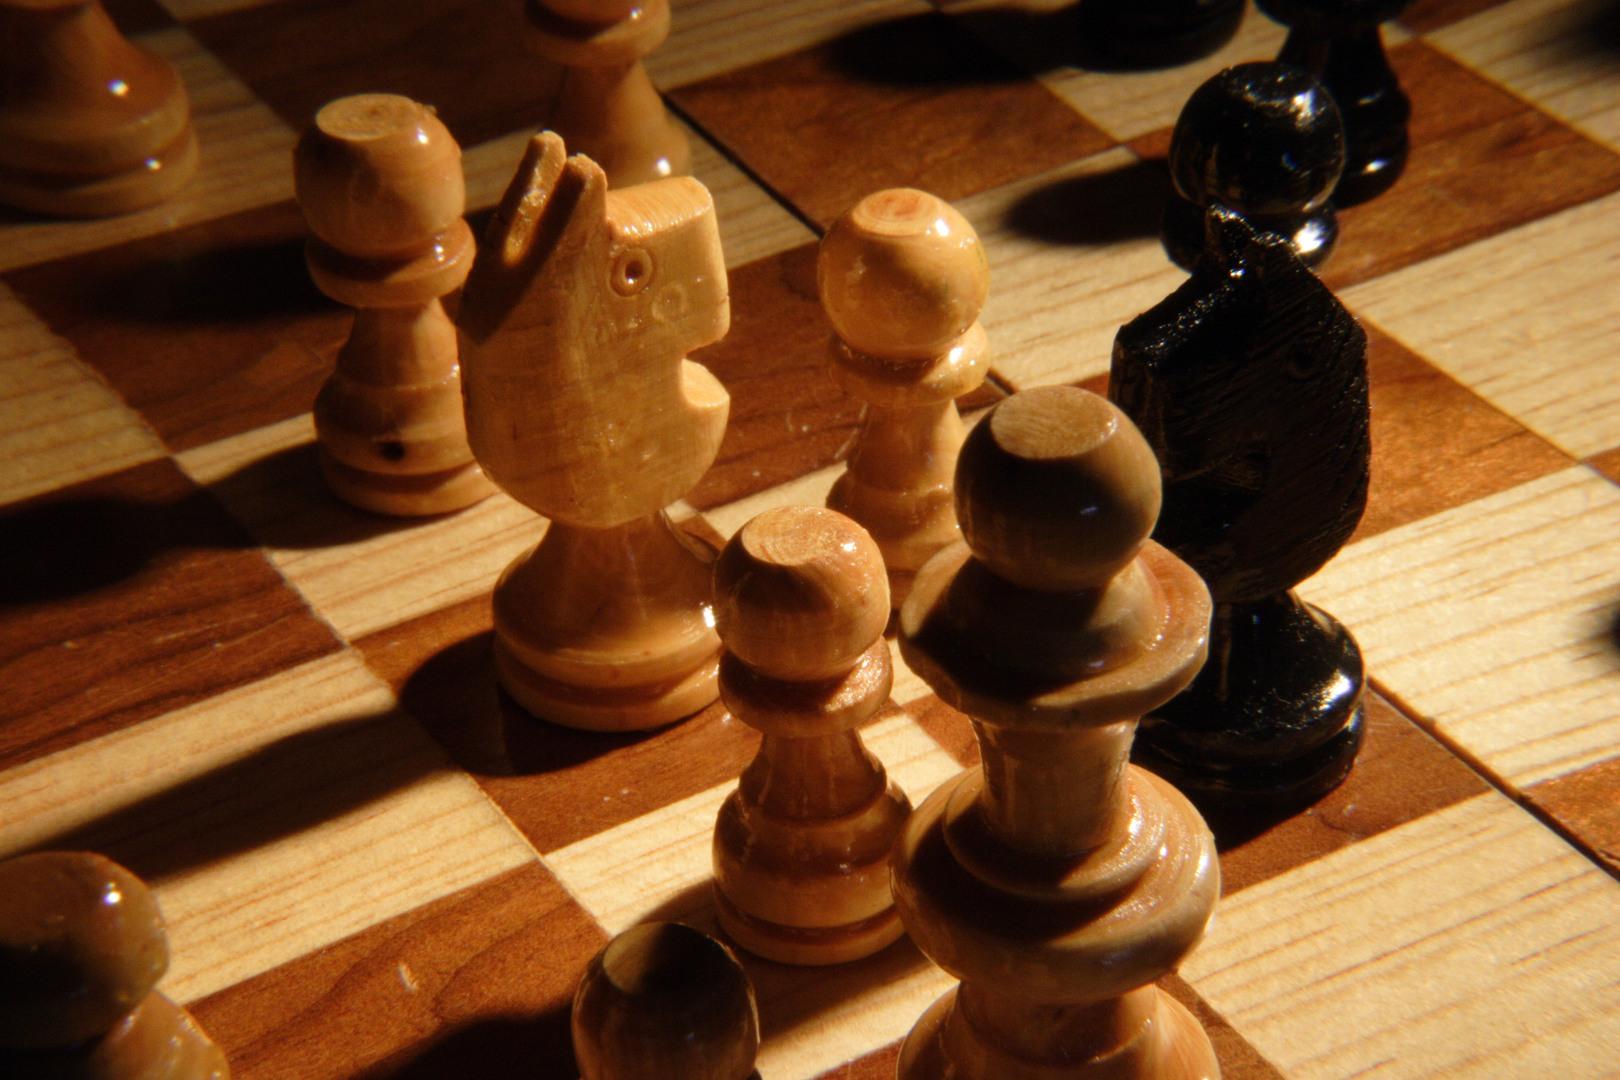 Batte tutti al torneo di scacchi: ma stava barando con un computer